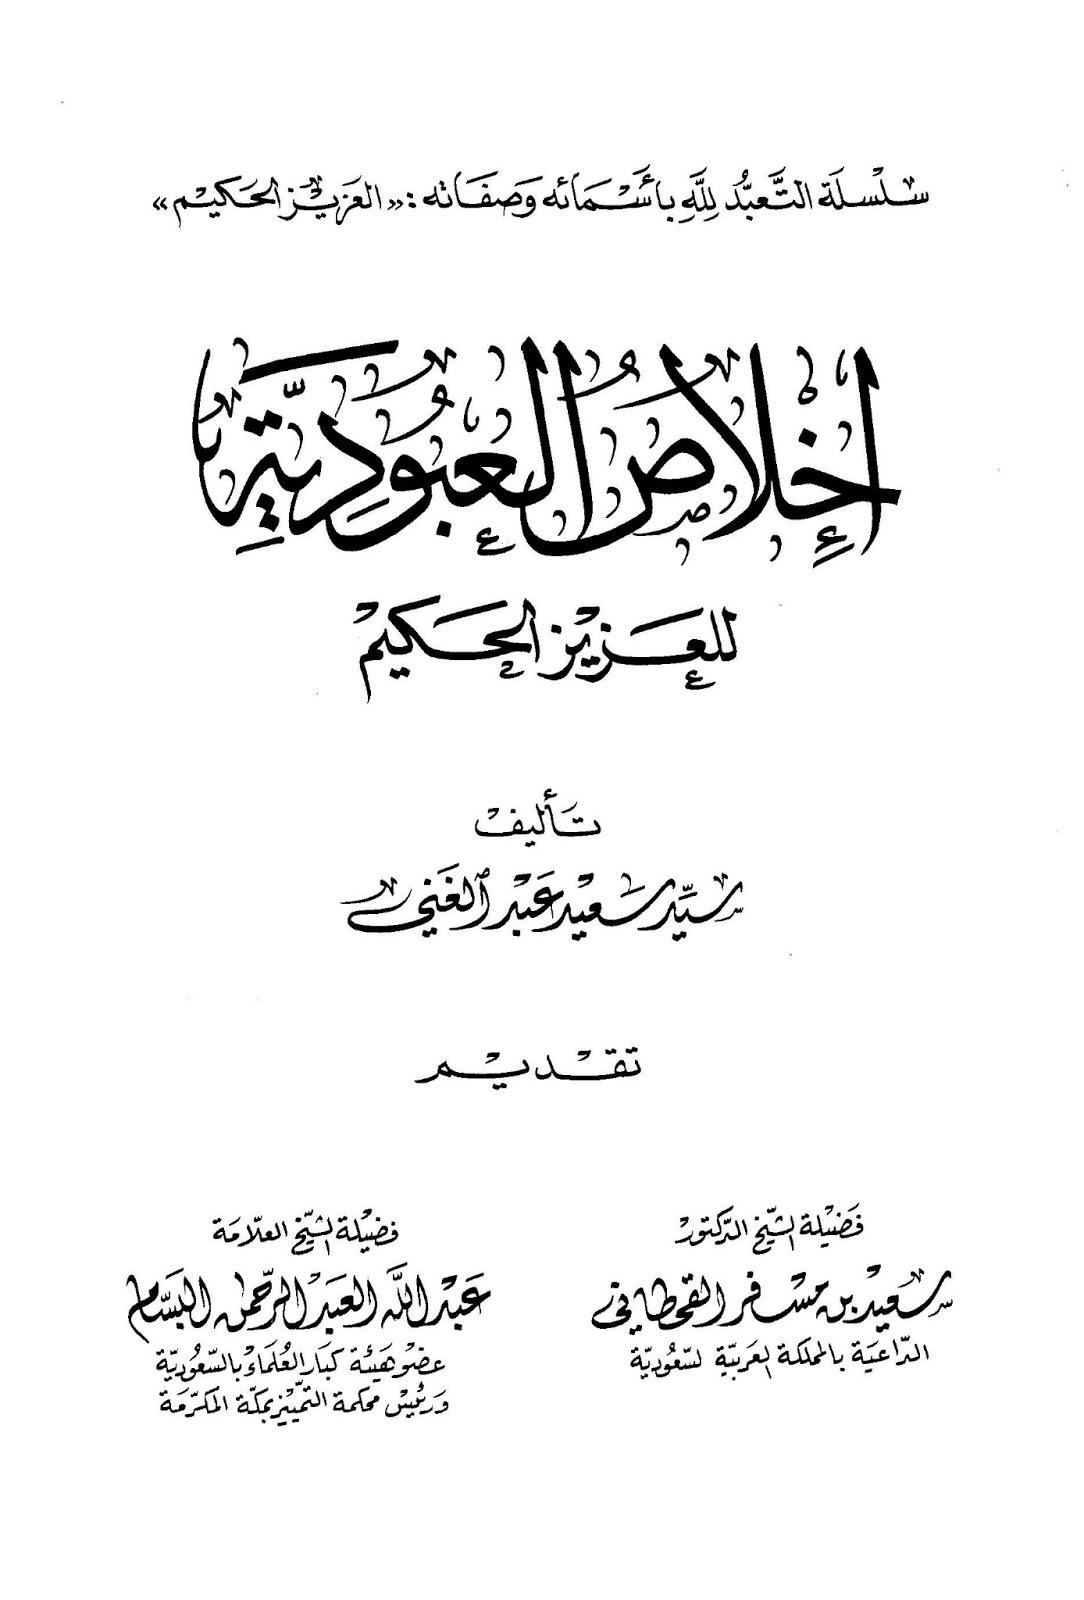 إخلاص العبودية للعزيز الحكيم - سيد الغني pdf